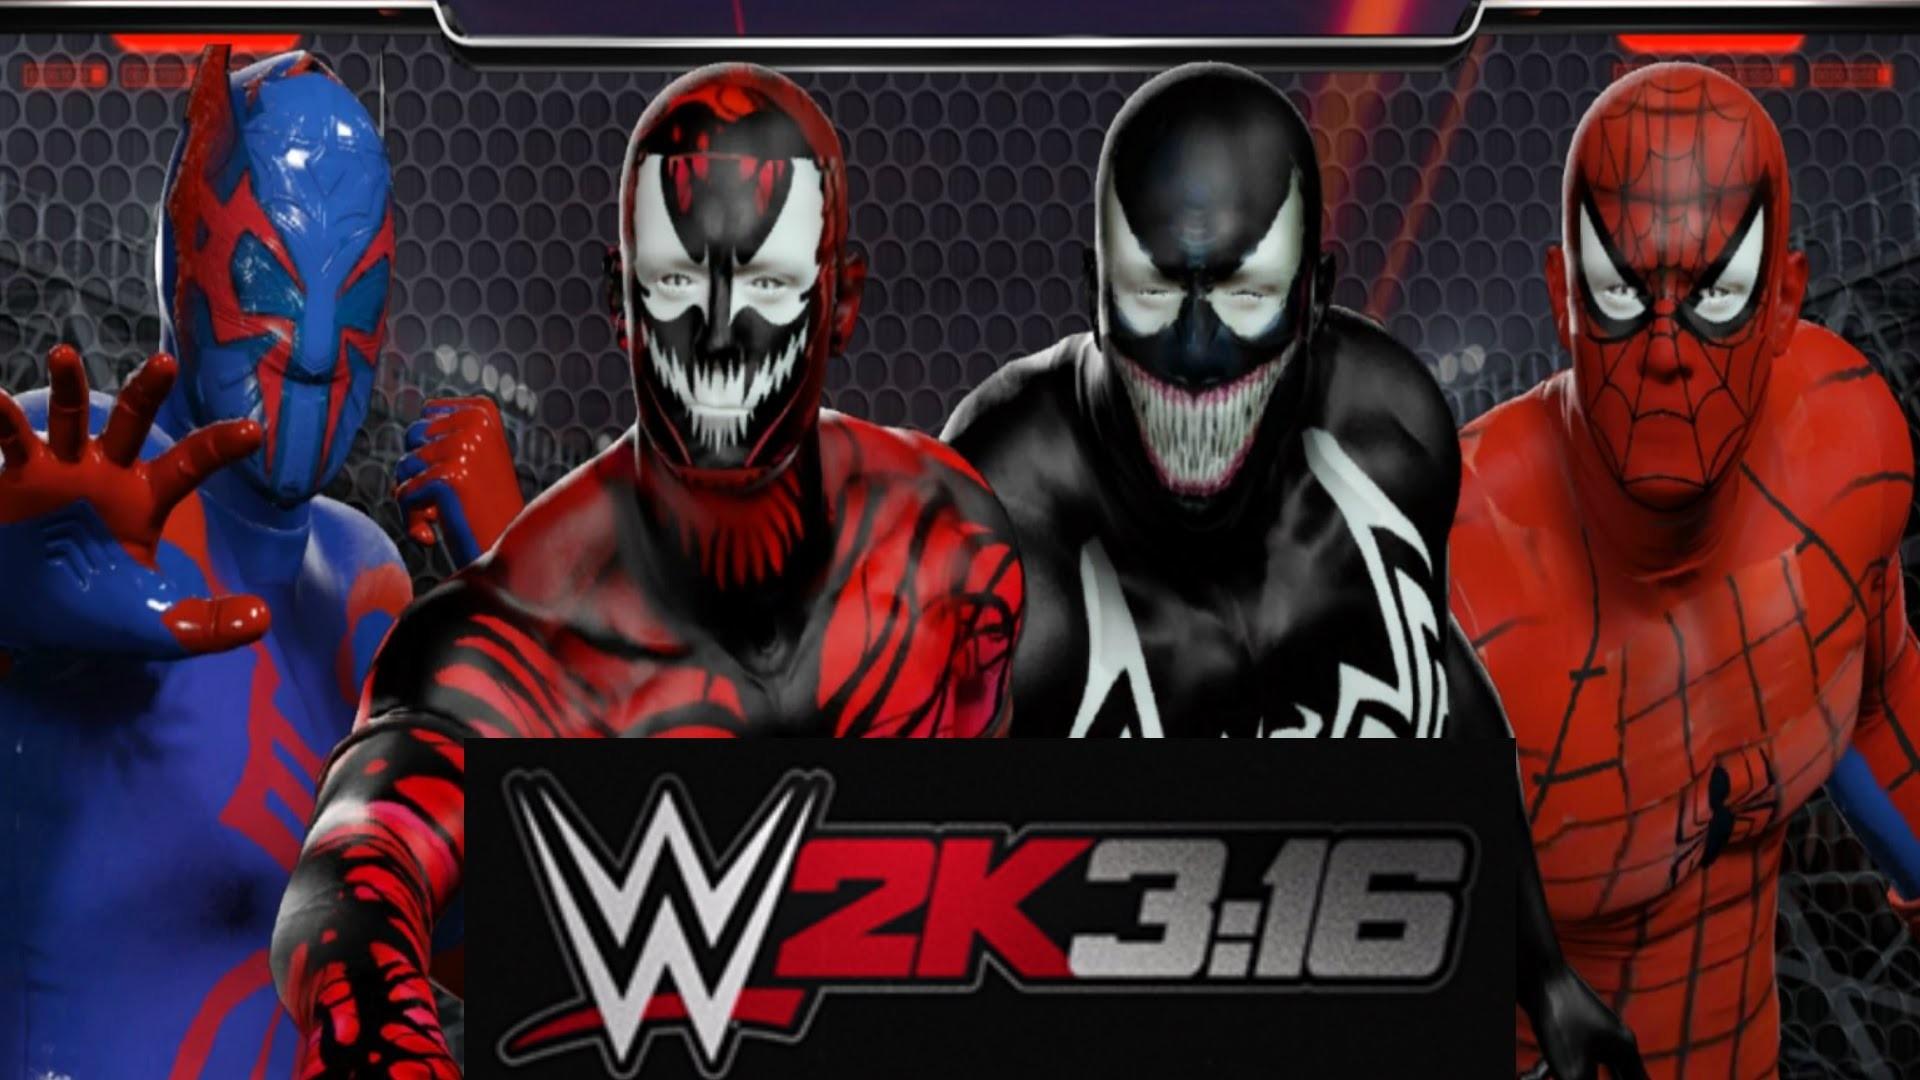 carnage vs venom wallpaper 183��